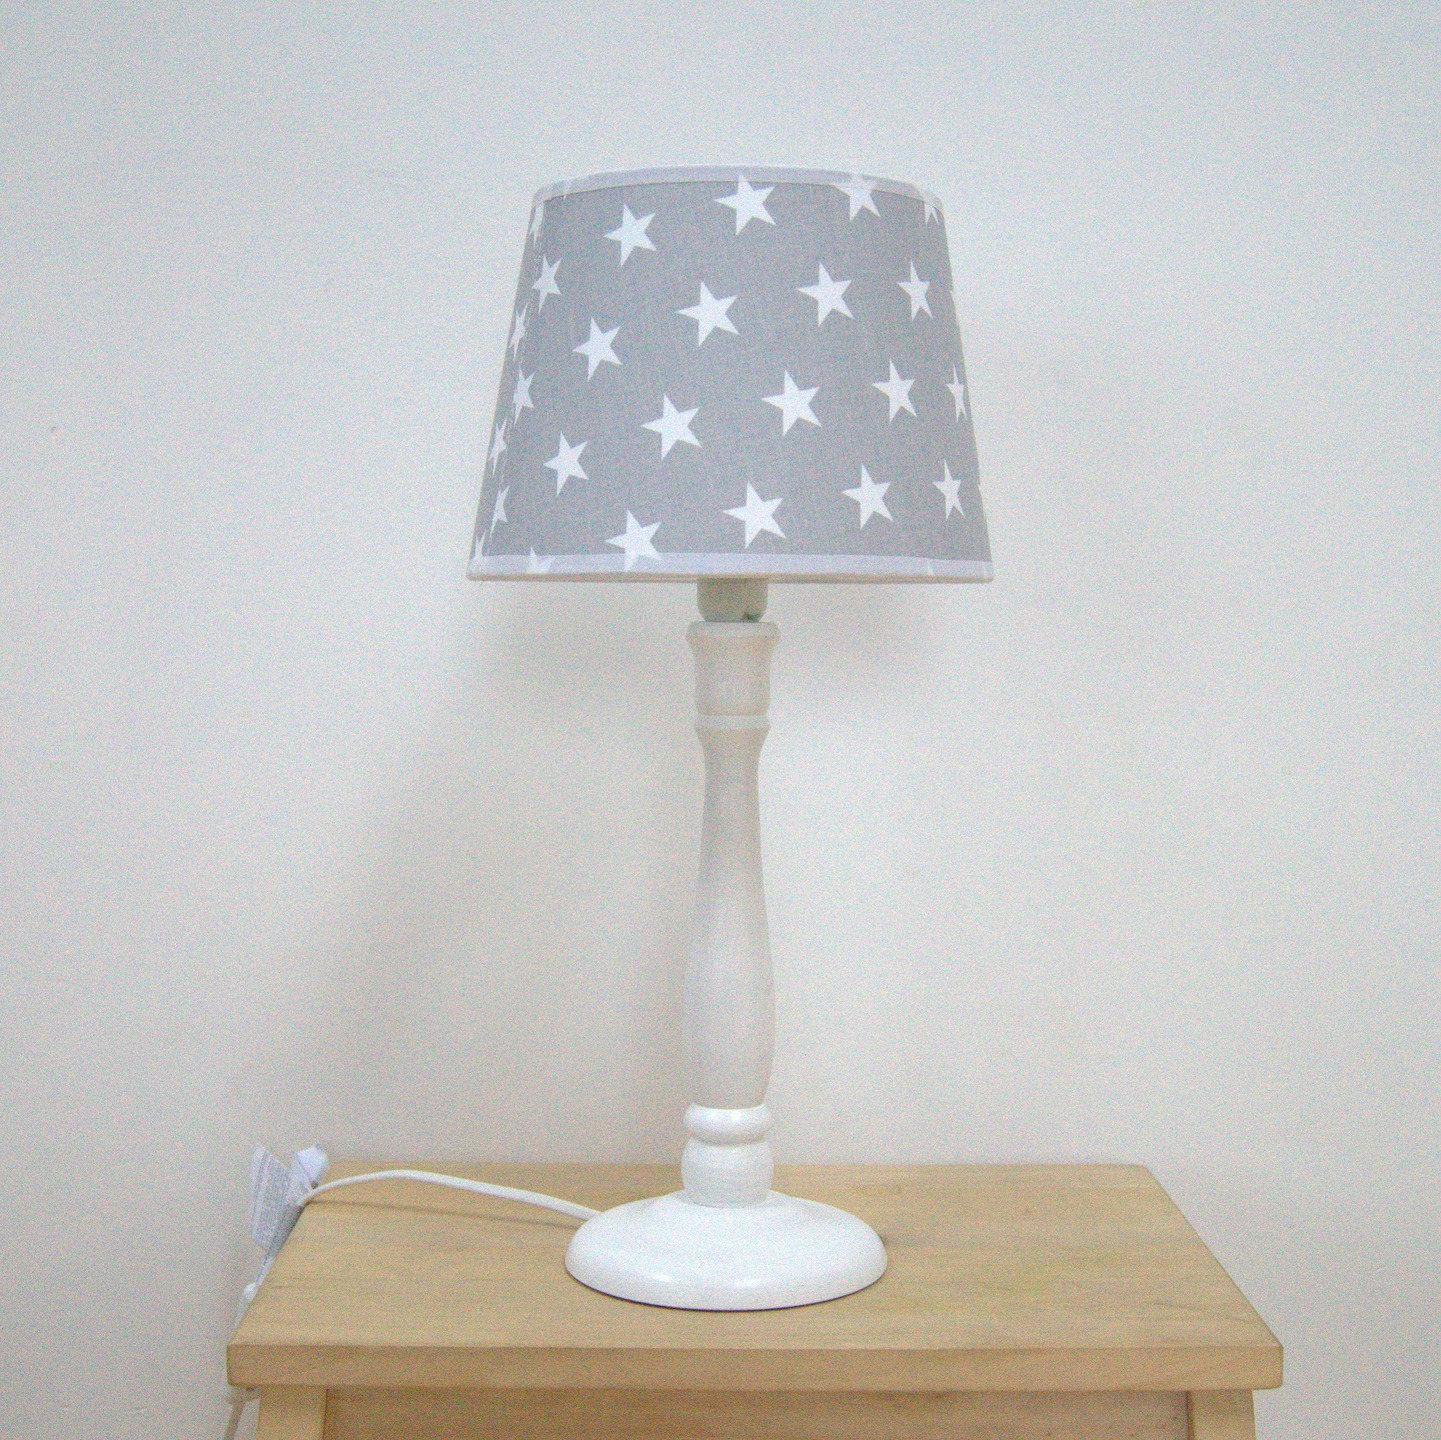 lampe de chevet avec abat jour pour une chambre d 39 enfant. Black Bedroom Furniture Sets. Home Design Ideas